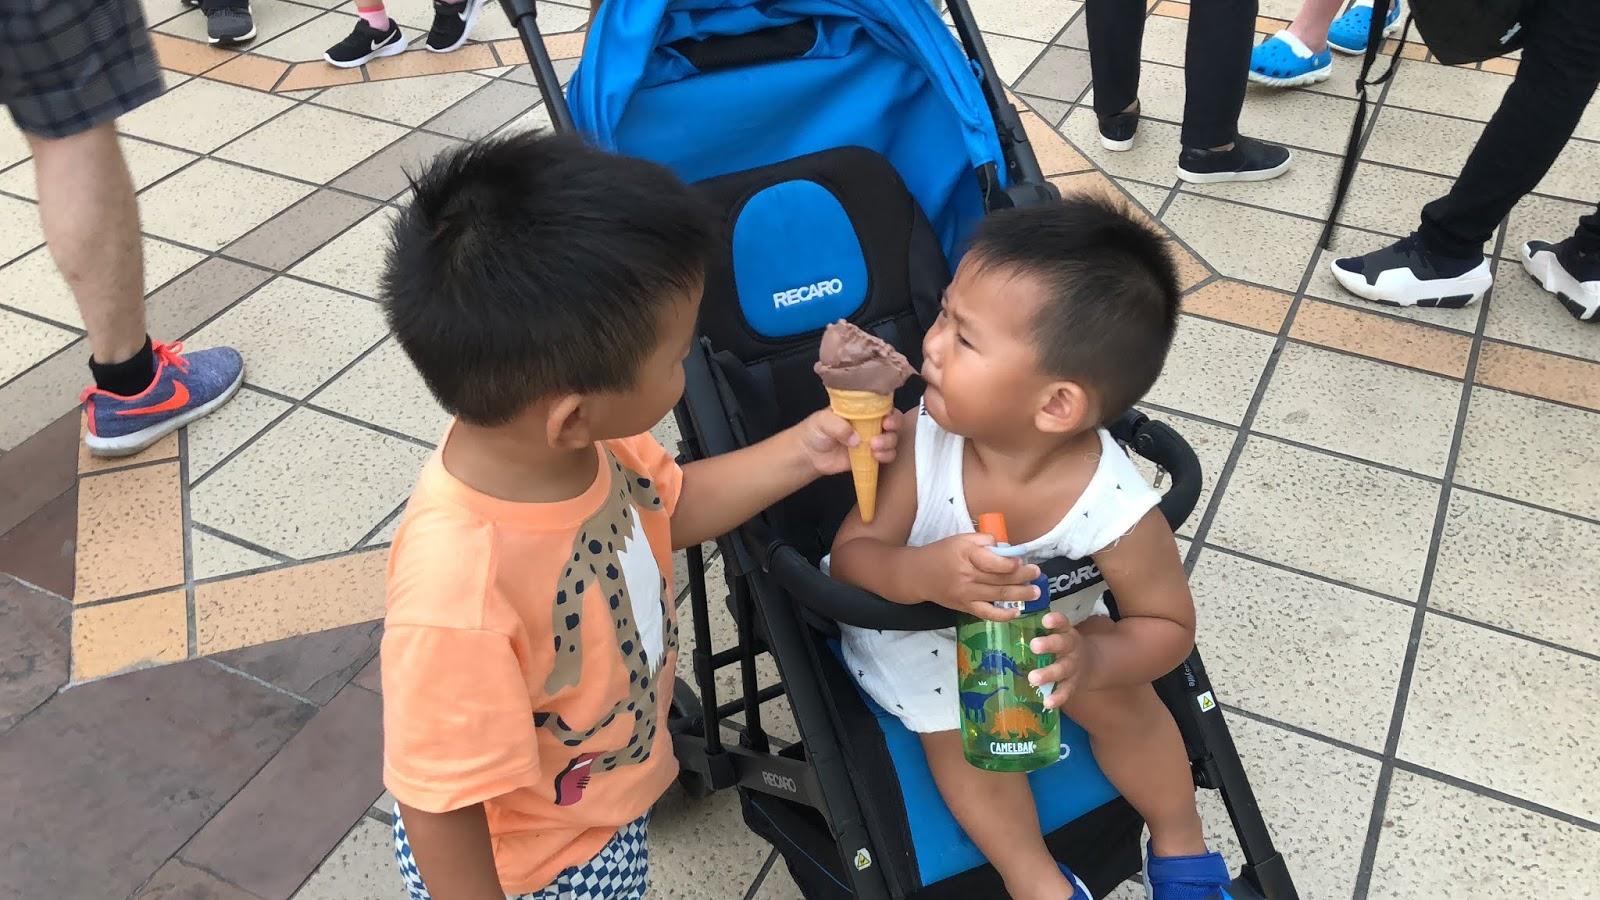 圖為筆者的兩個小孩,2018年7月29日於六福村所攝,小孩是社會的希望,希望每一個小孩都能平安、快樂的長大